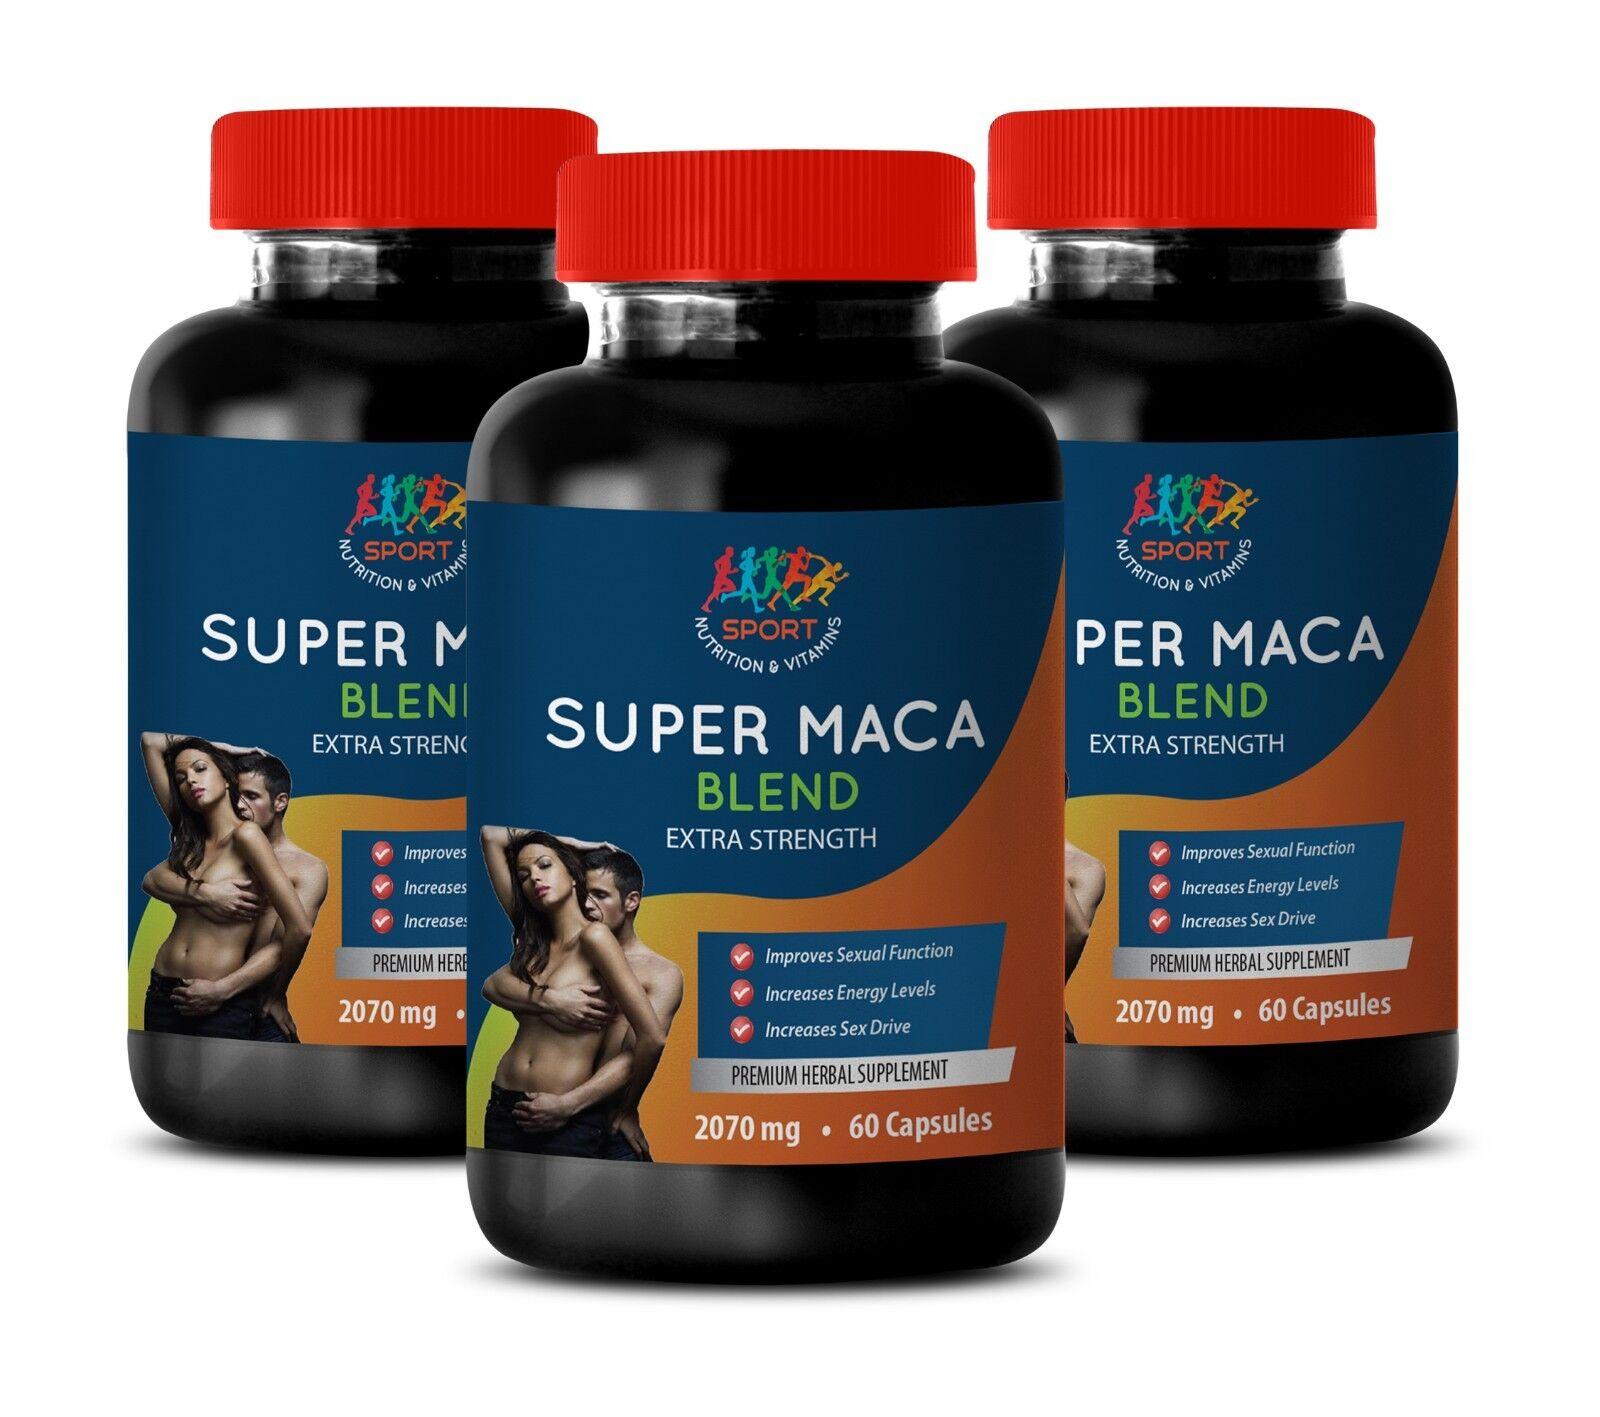 sex pills for women, Super Maca Blend 2070mg, 45% saponins s